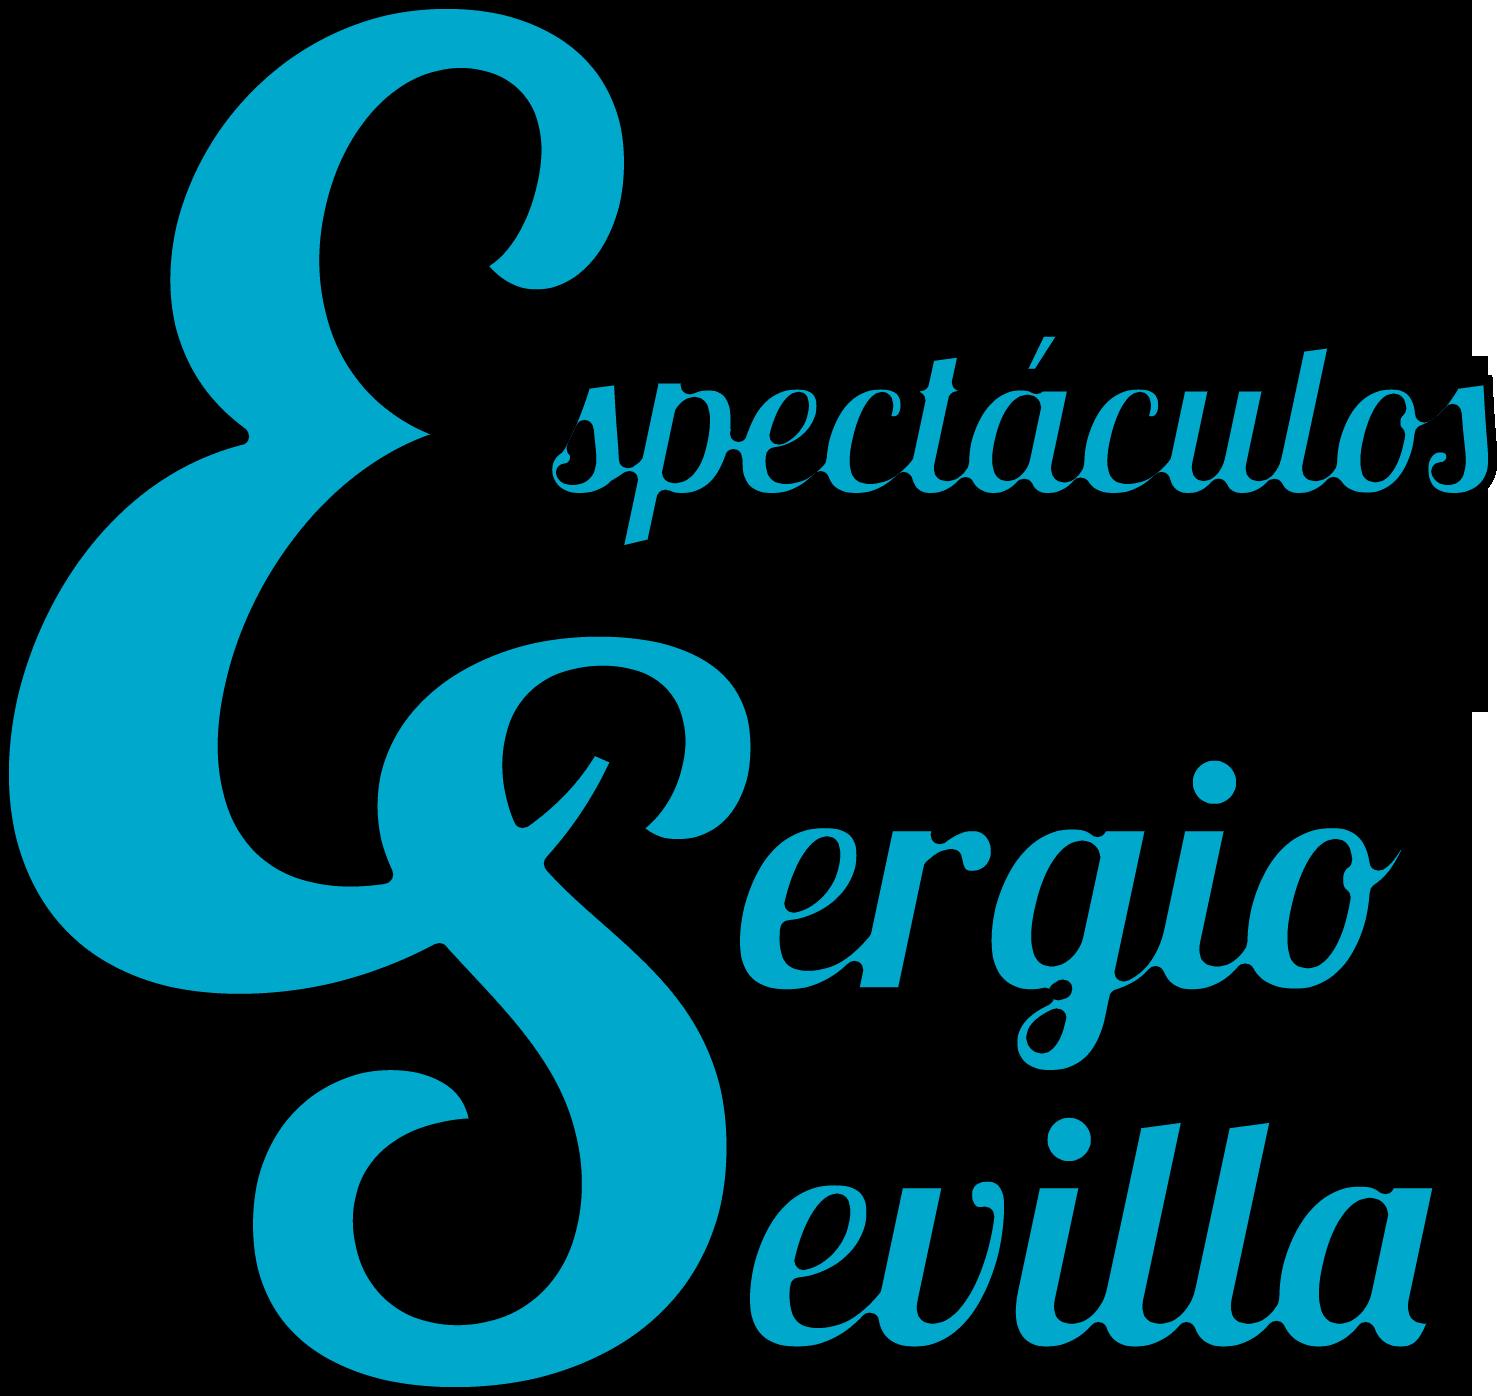 .:: Espectaculos Sergio Sevilla ::.